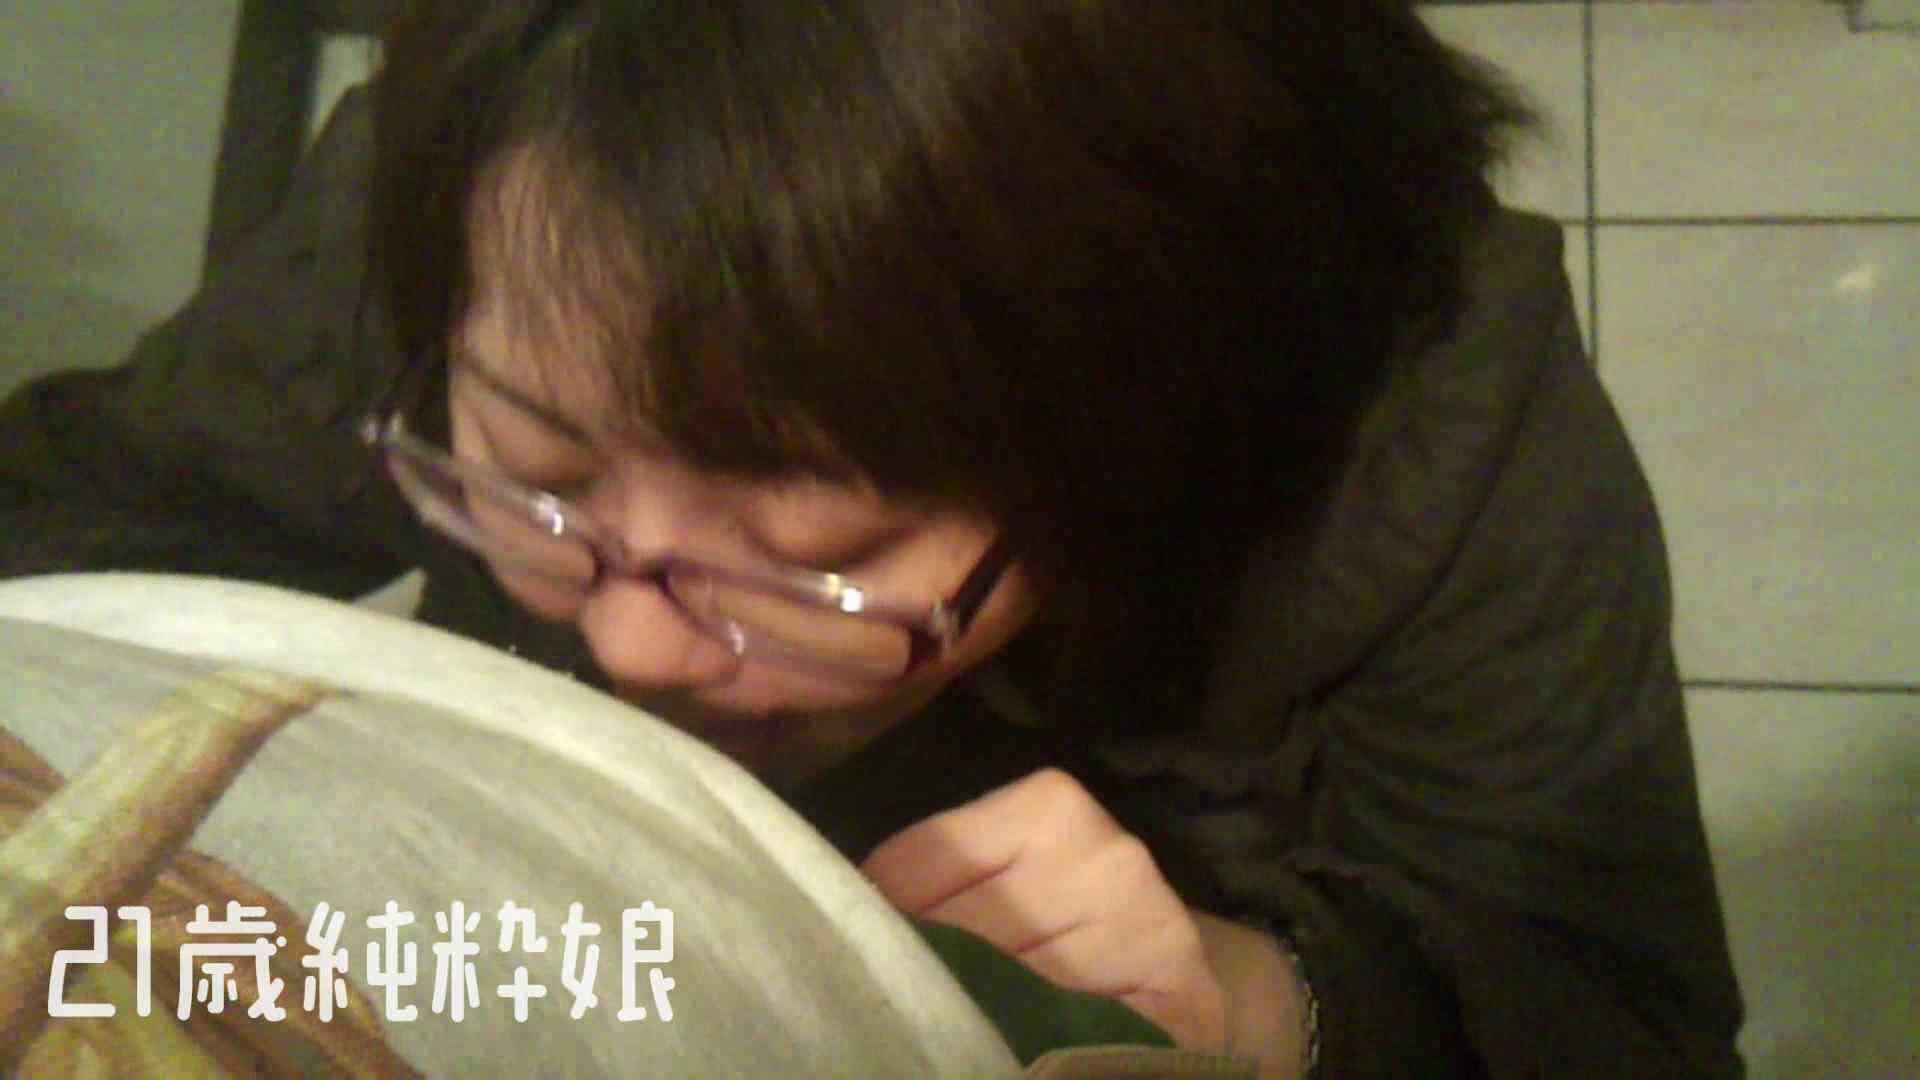 Gカップ21歳純粋嬢第2弾Vol.5 一般投稿  77pic 30